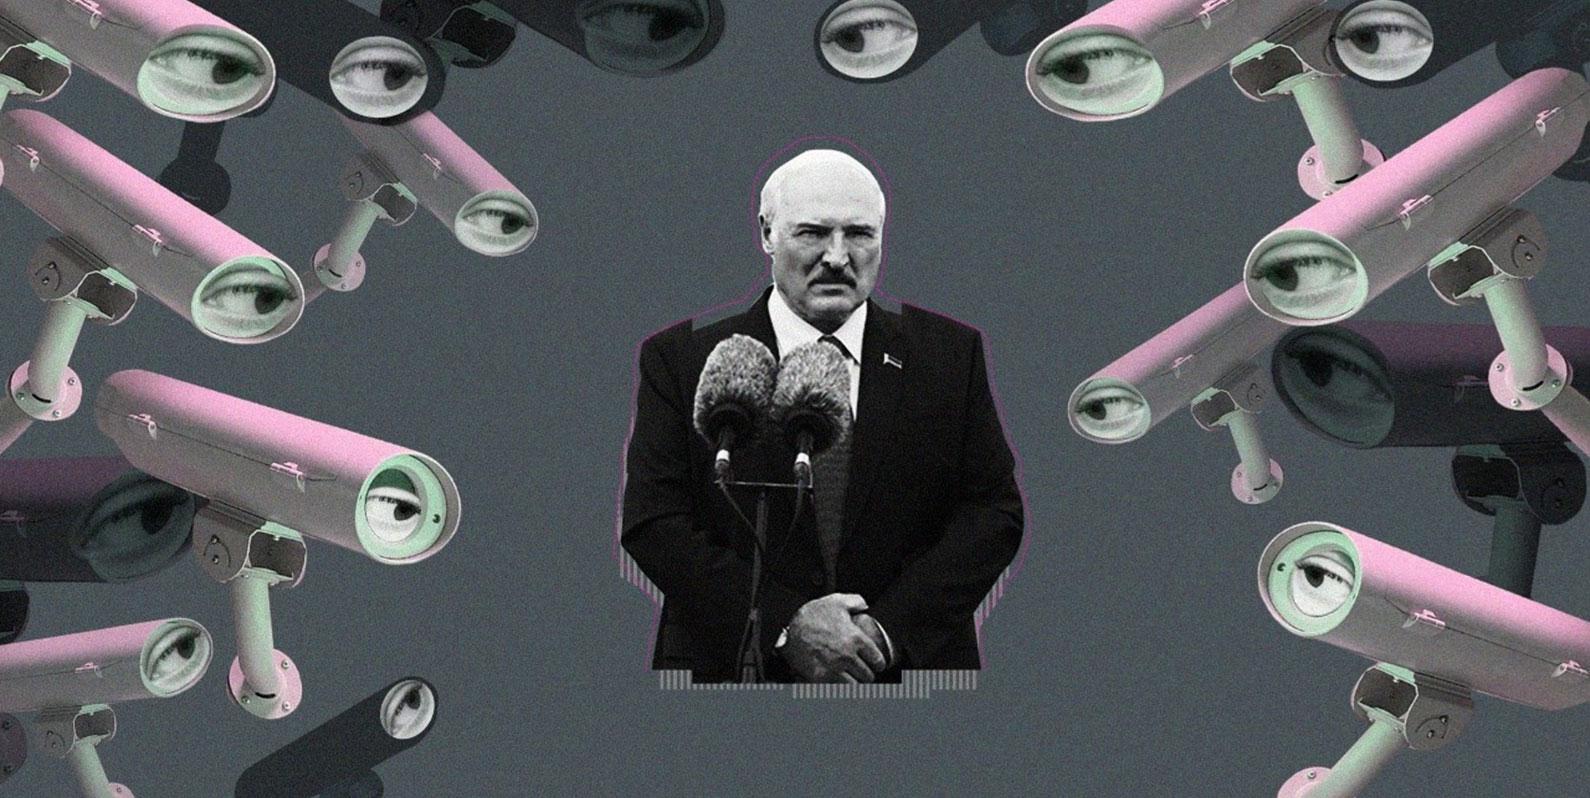 Hackers estão tentando derrubar o ditador da Belarus, com ajuda interna